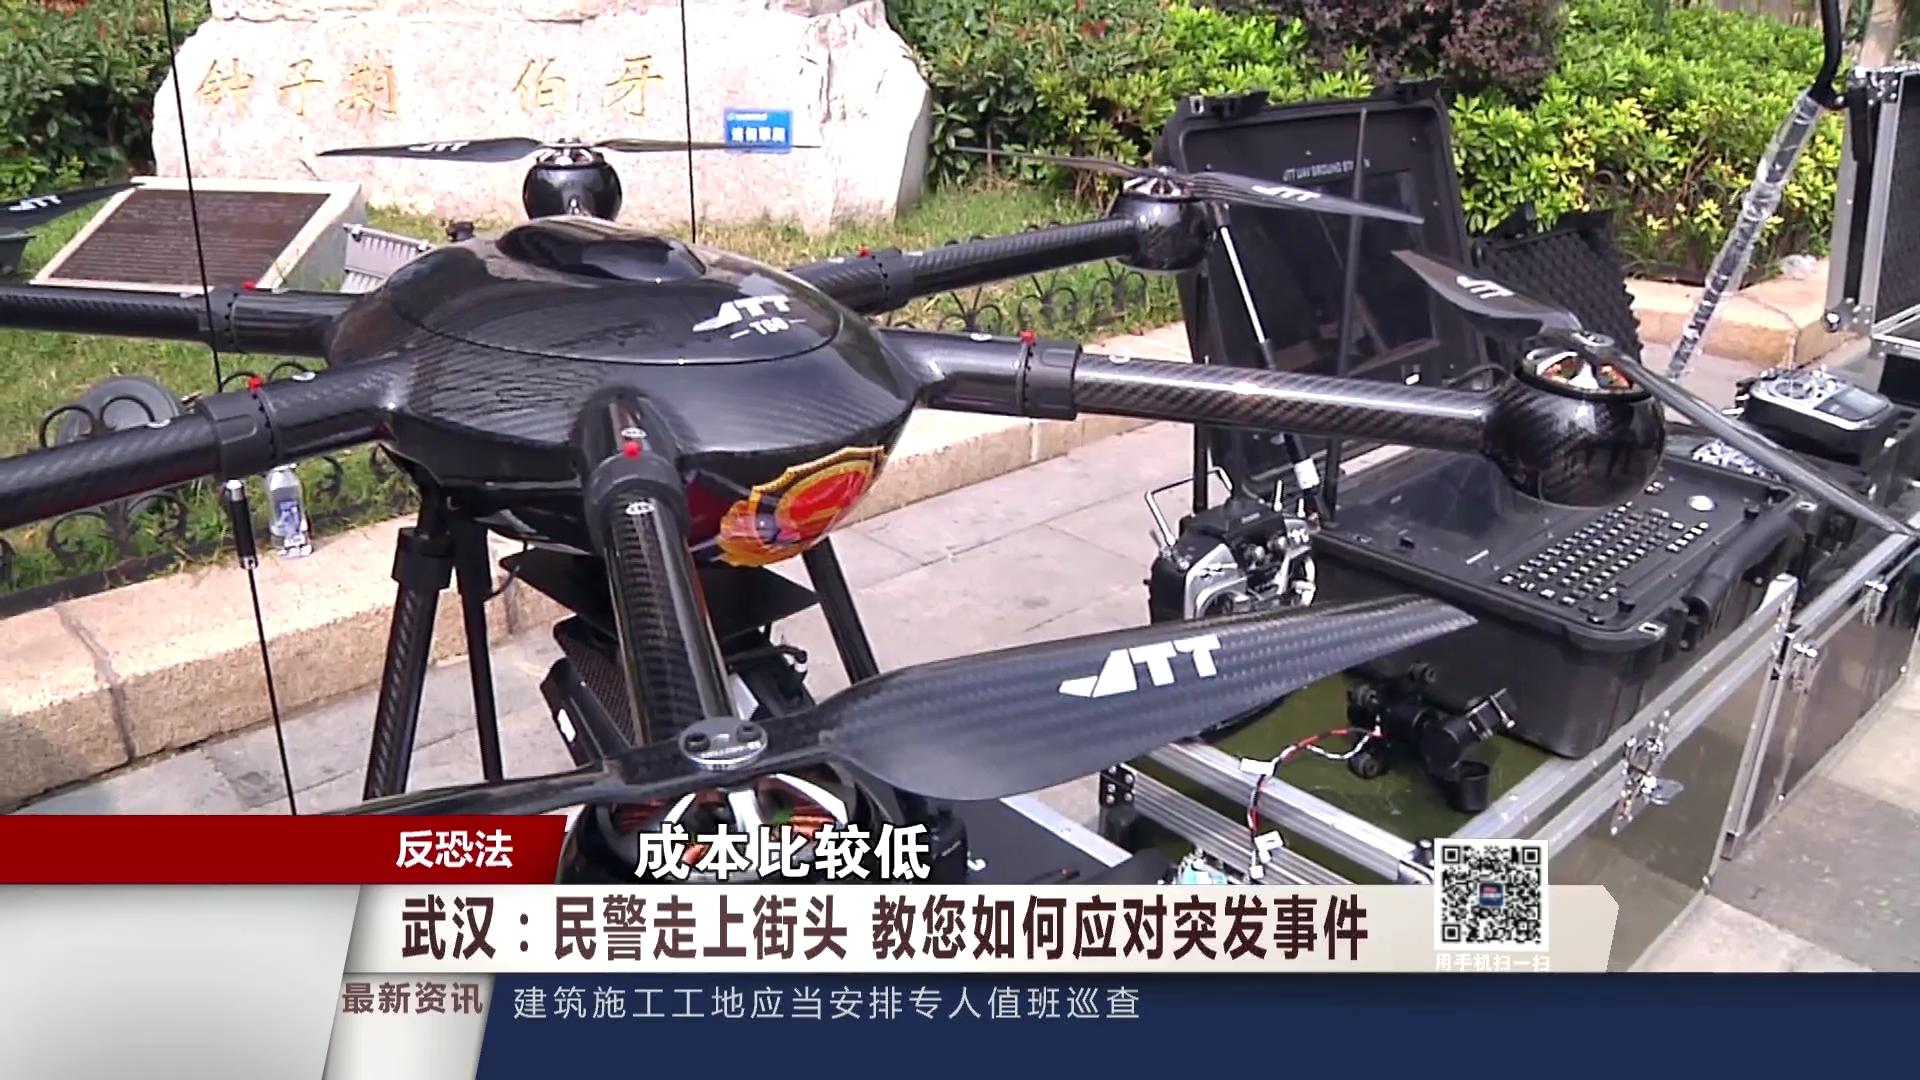 JTT - 武汉《反恐法》宣传周活动新闻报道